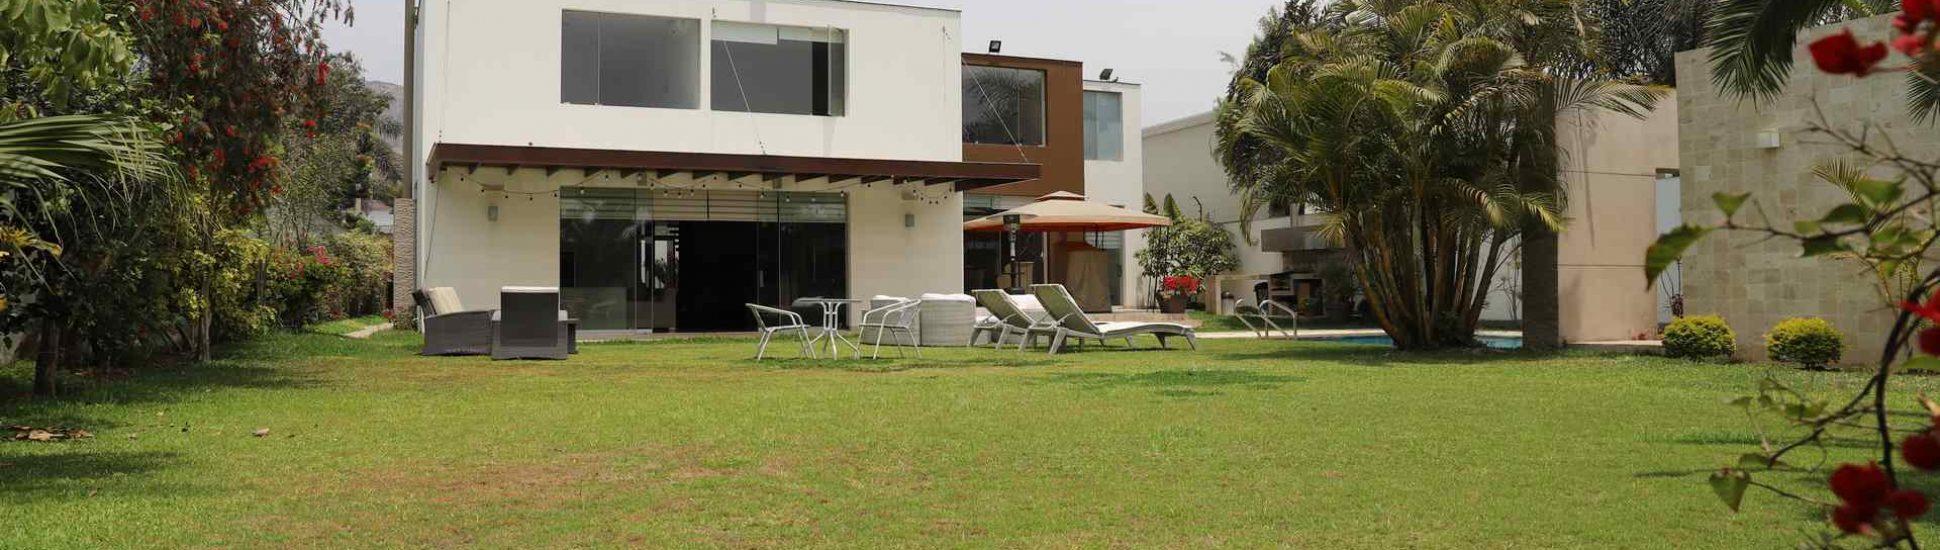 Casa moderna cerca de la Municipalidad de La Molina